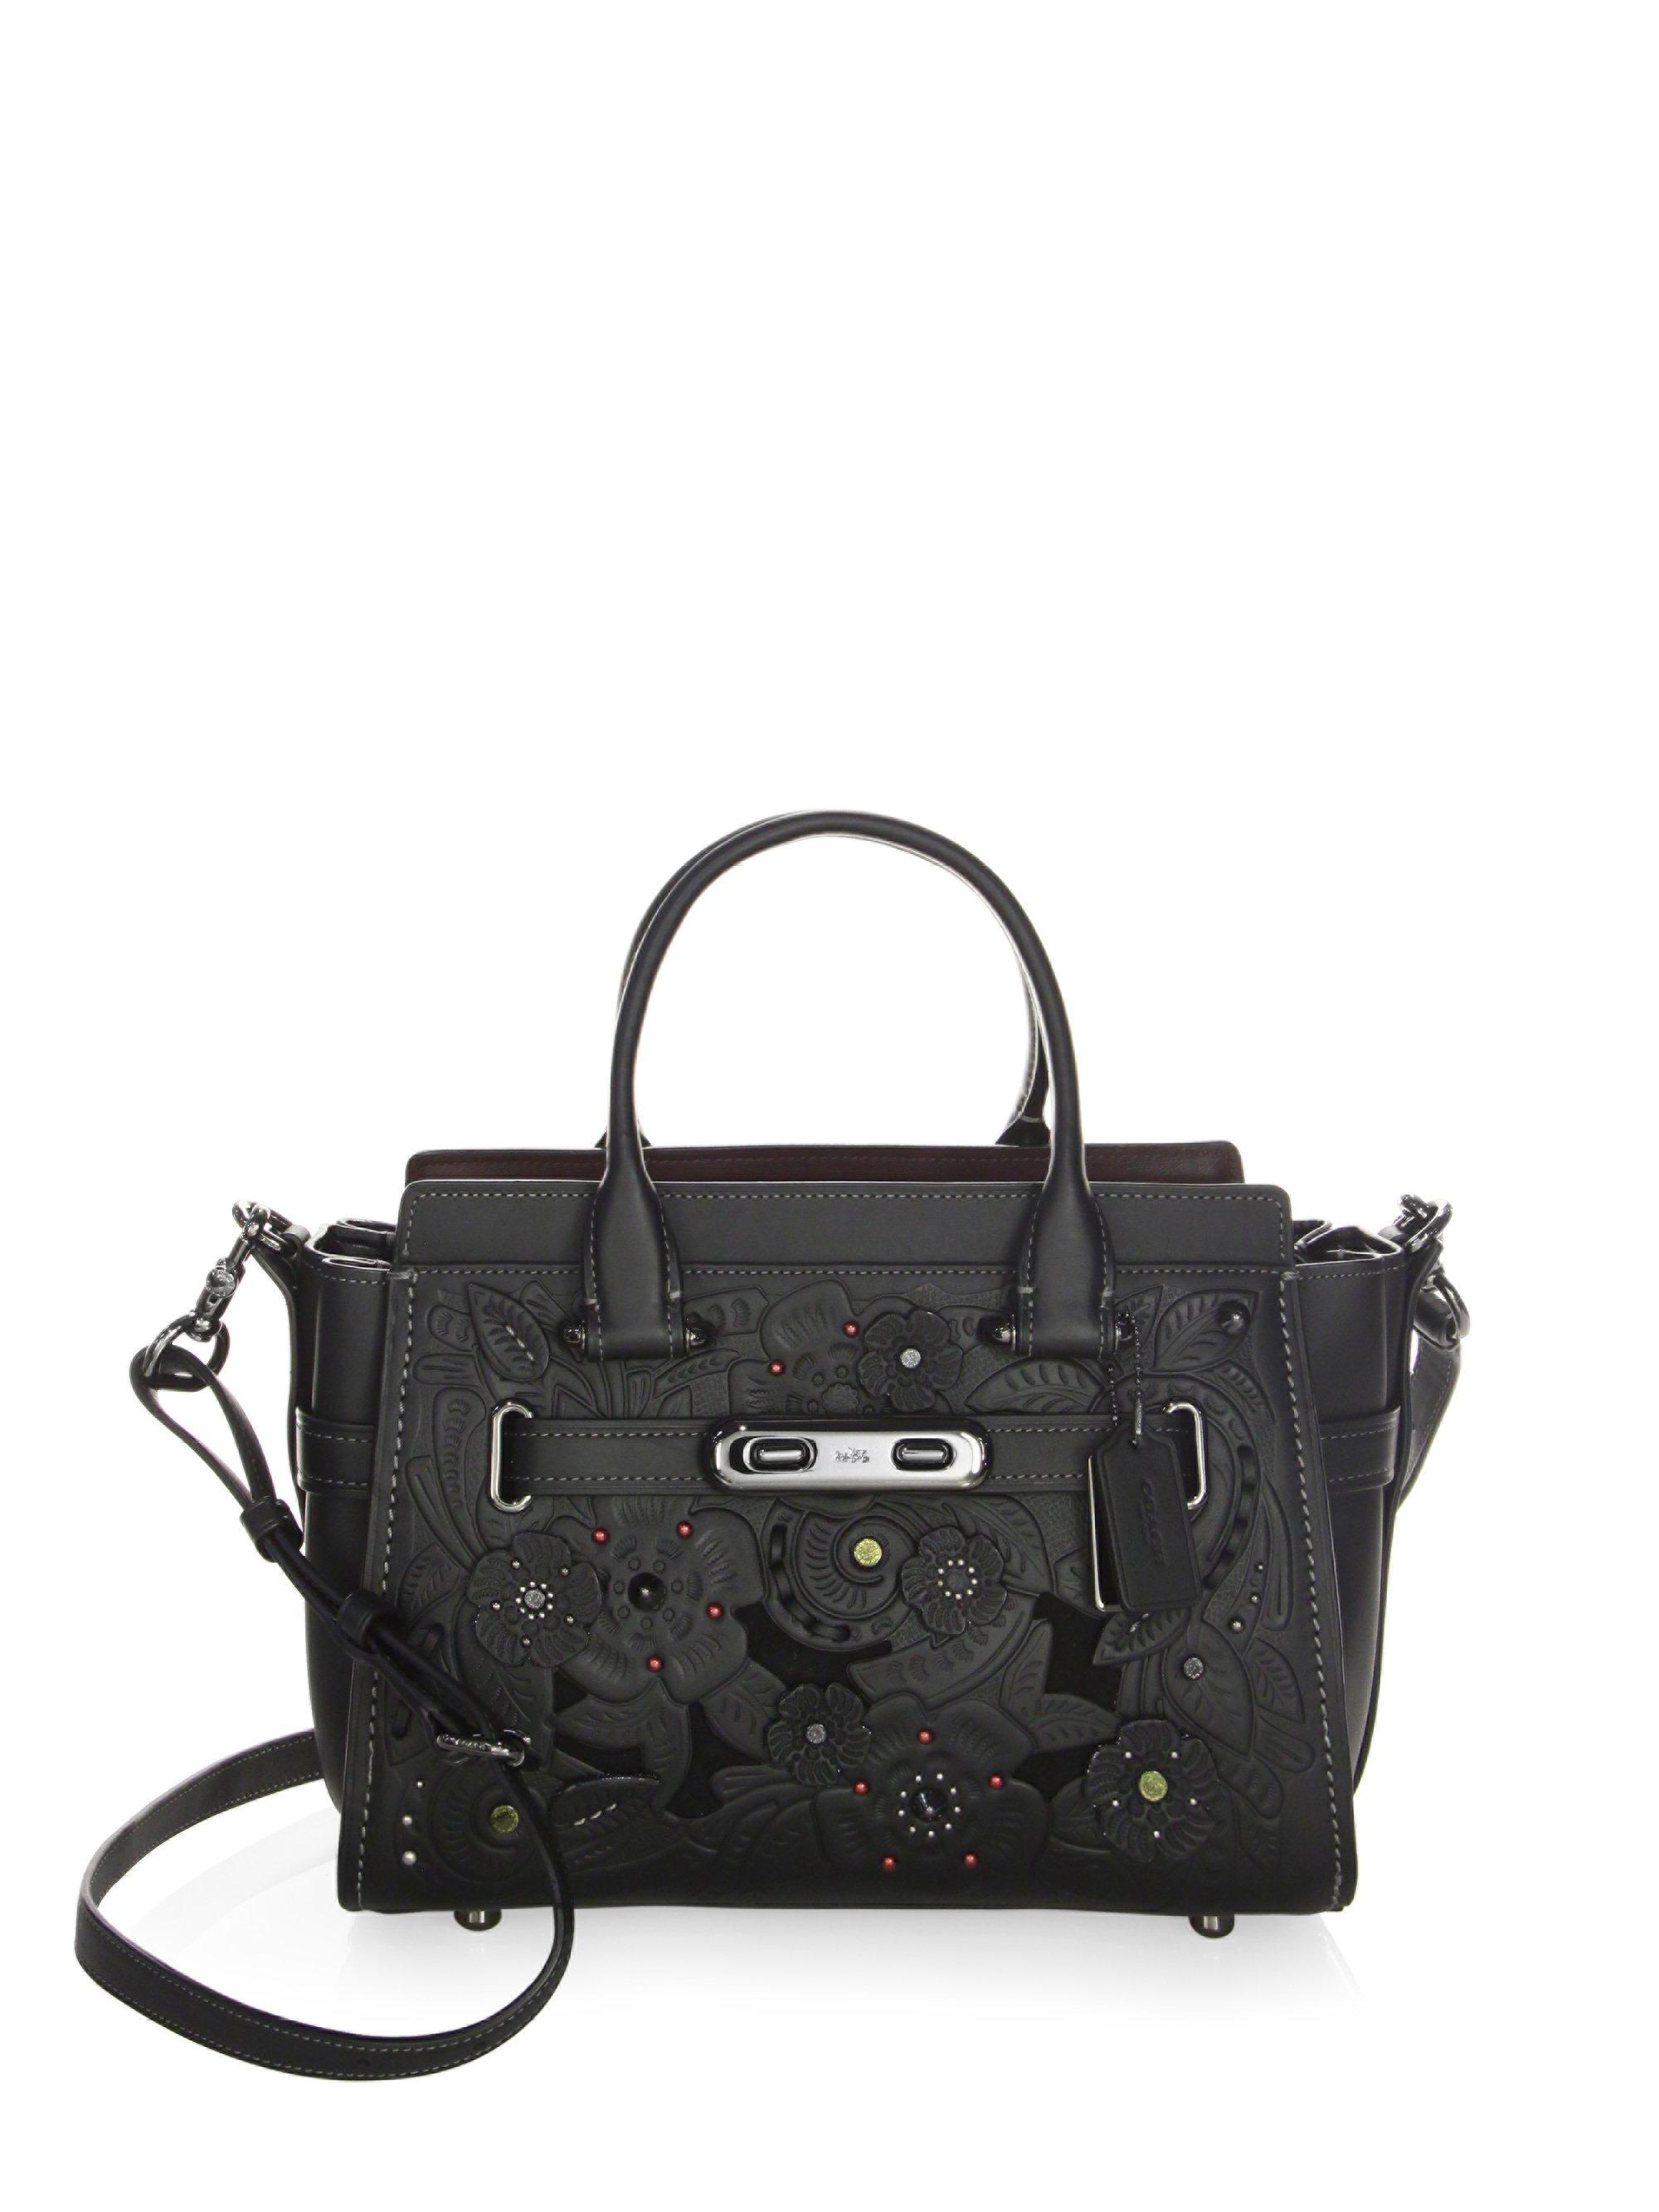 7f6bff7631 italy coach ashley black leather satchel 19247 404c4 f7157  shop lyst coach  flower leather satchel in black 82458 20c24